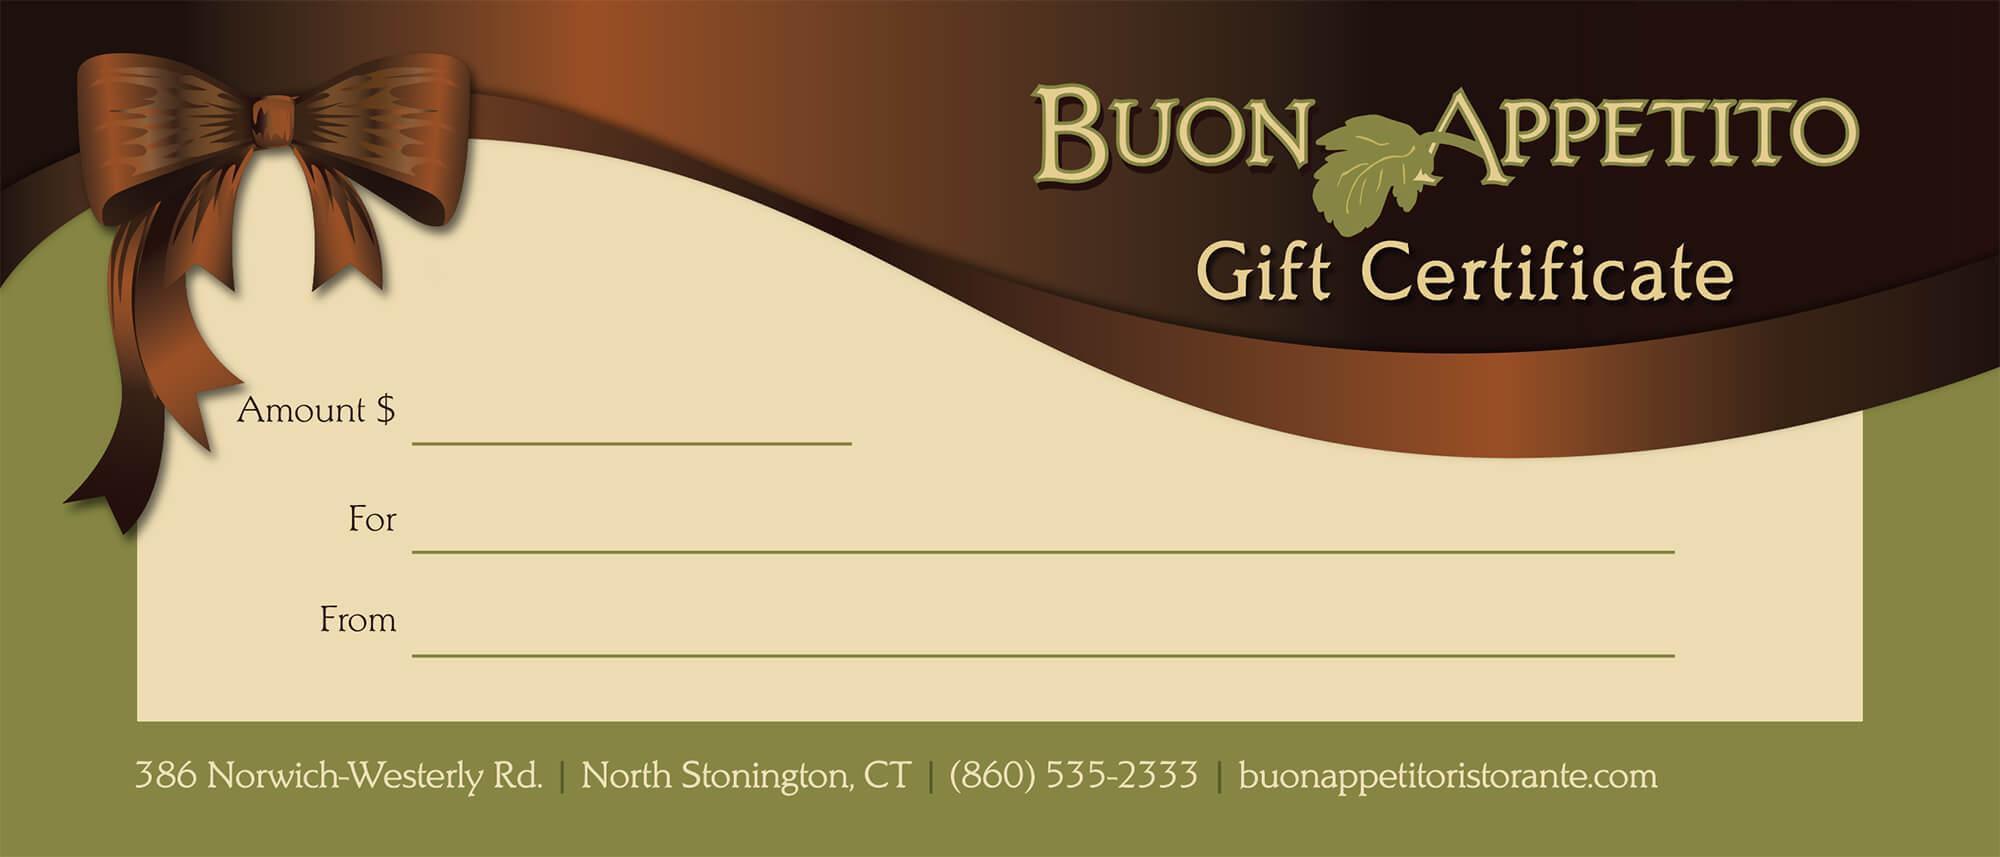 Buan Appetito Gift Certificate